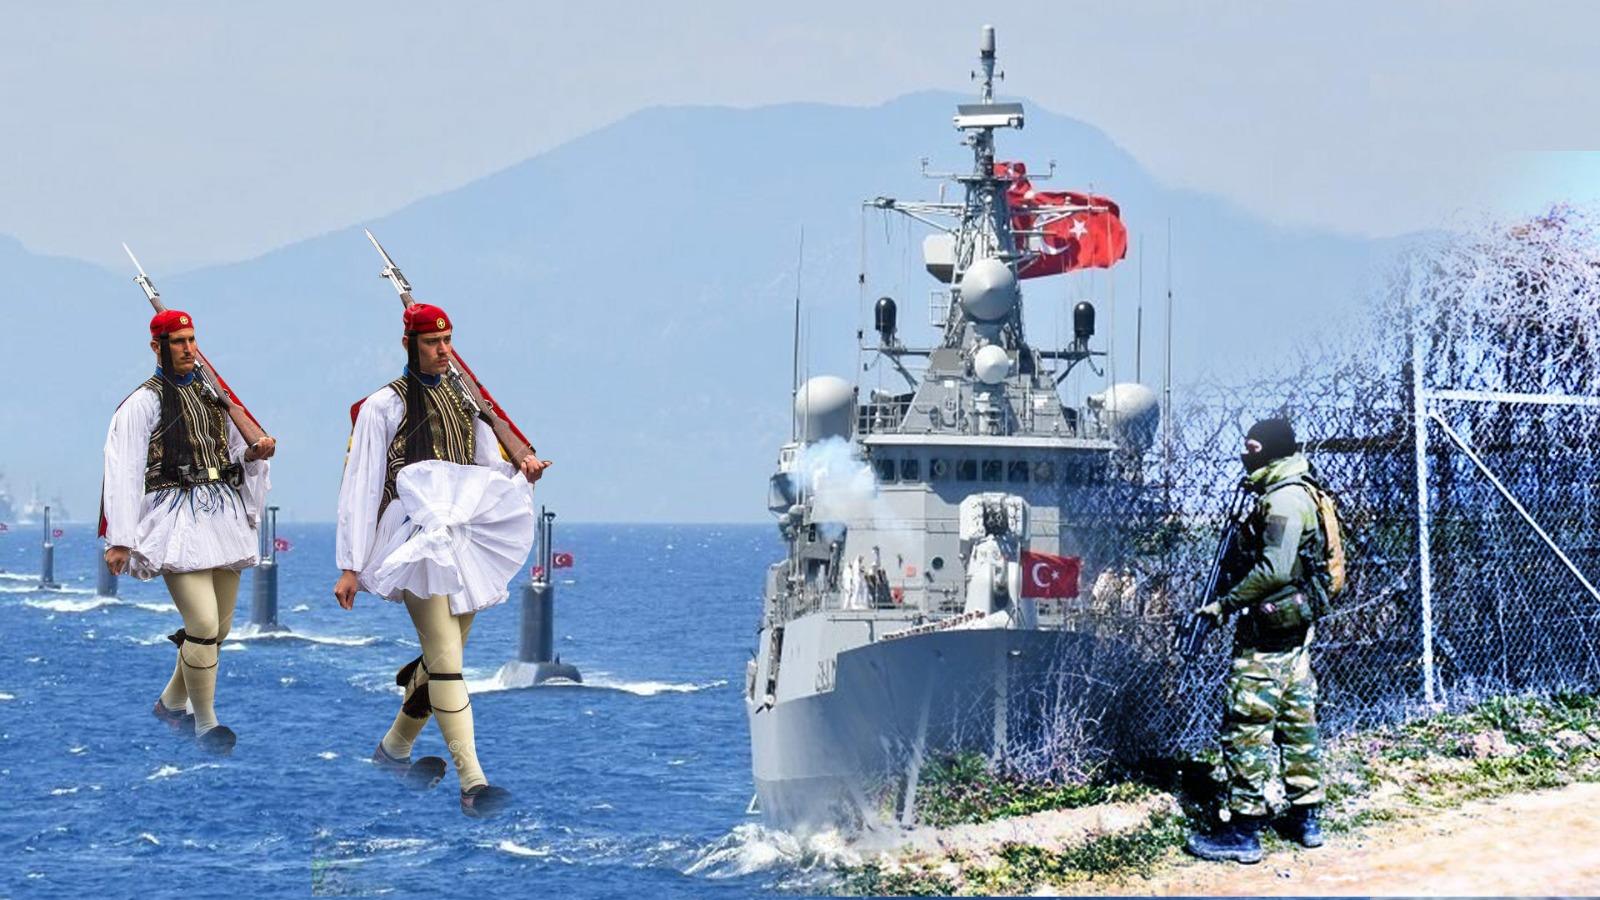 Yunan'ı göç korkusu sardı